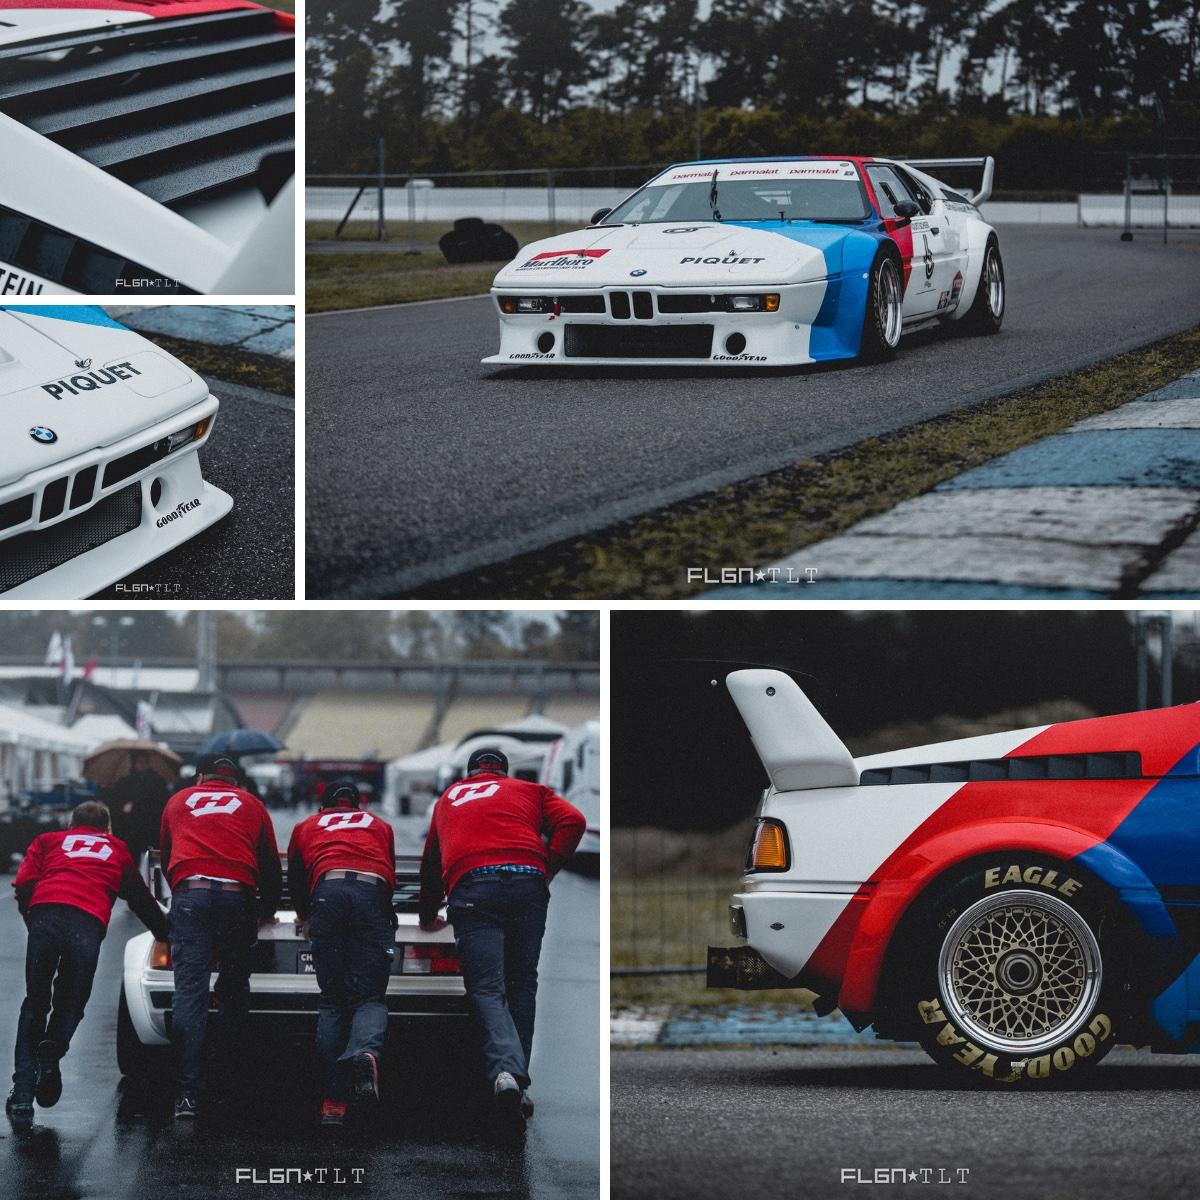 Flgntlt Grand Prix M1 Procar